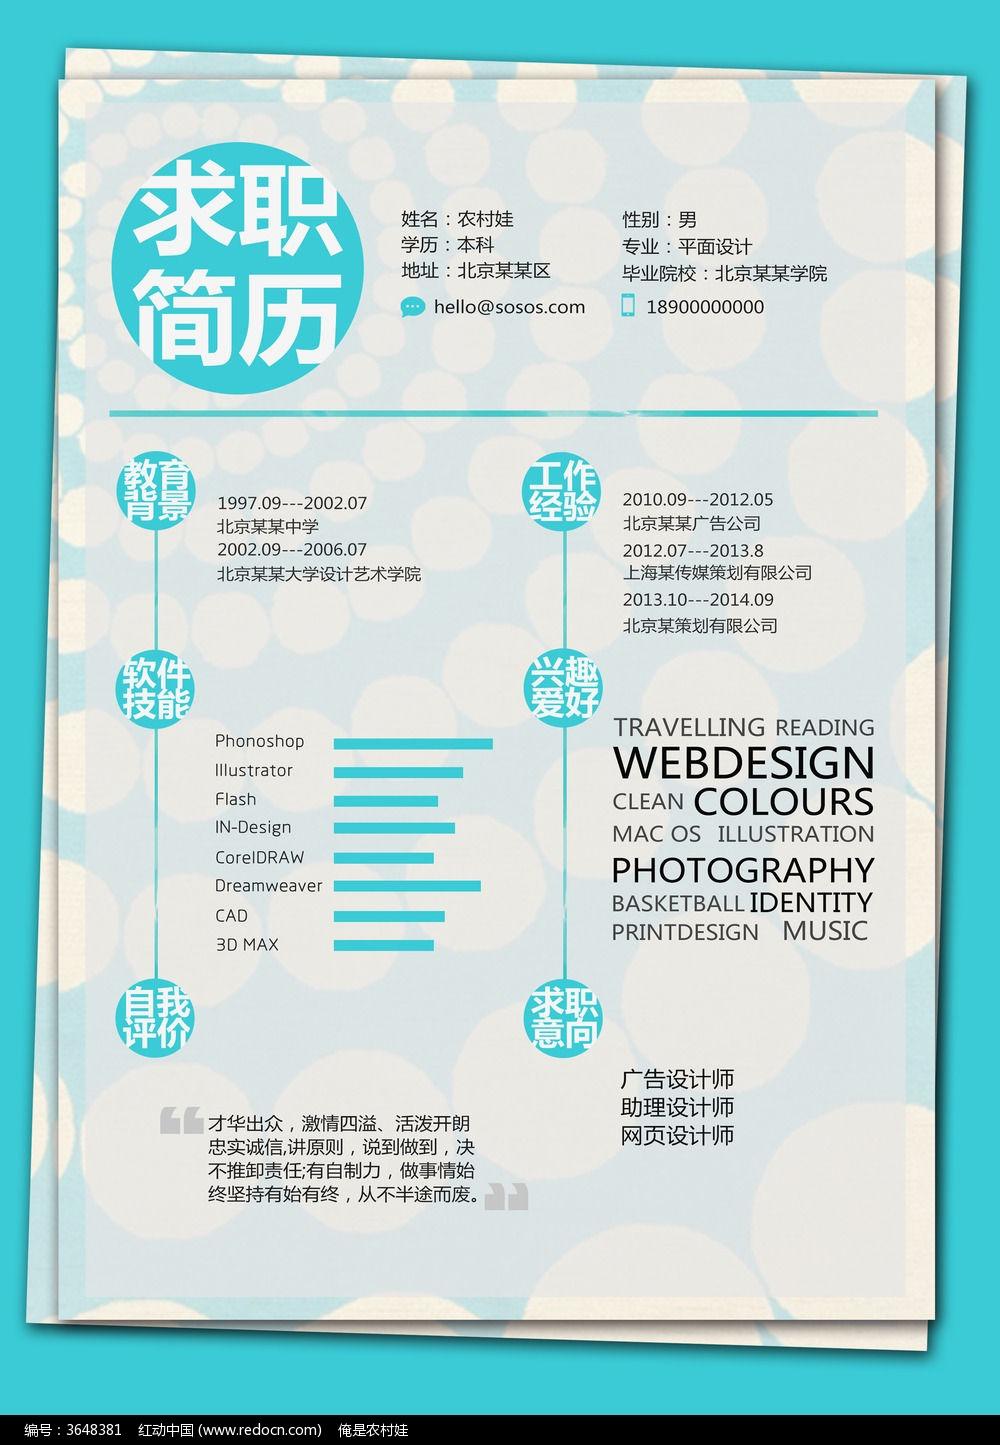 图片圆球蓝色_海报设计/宣传单/广告牌简历素房天下房地产广告设计v图片图片